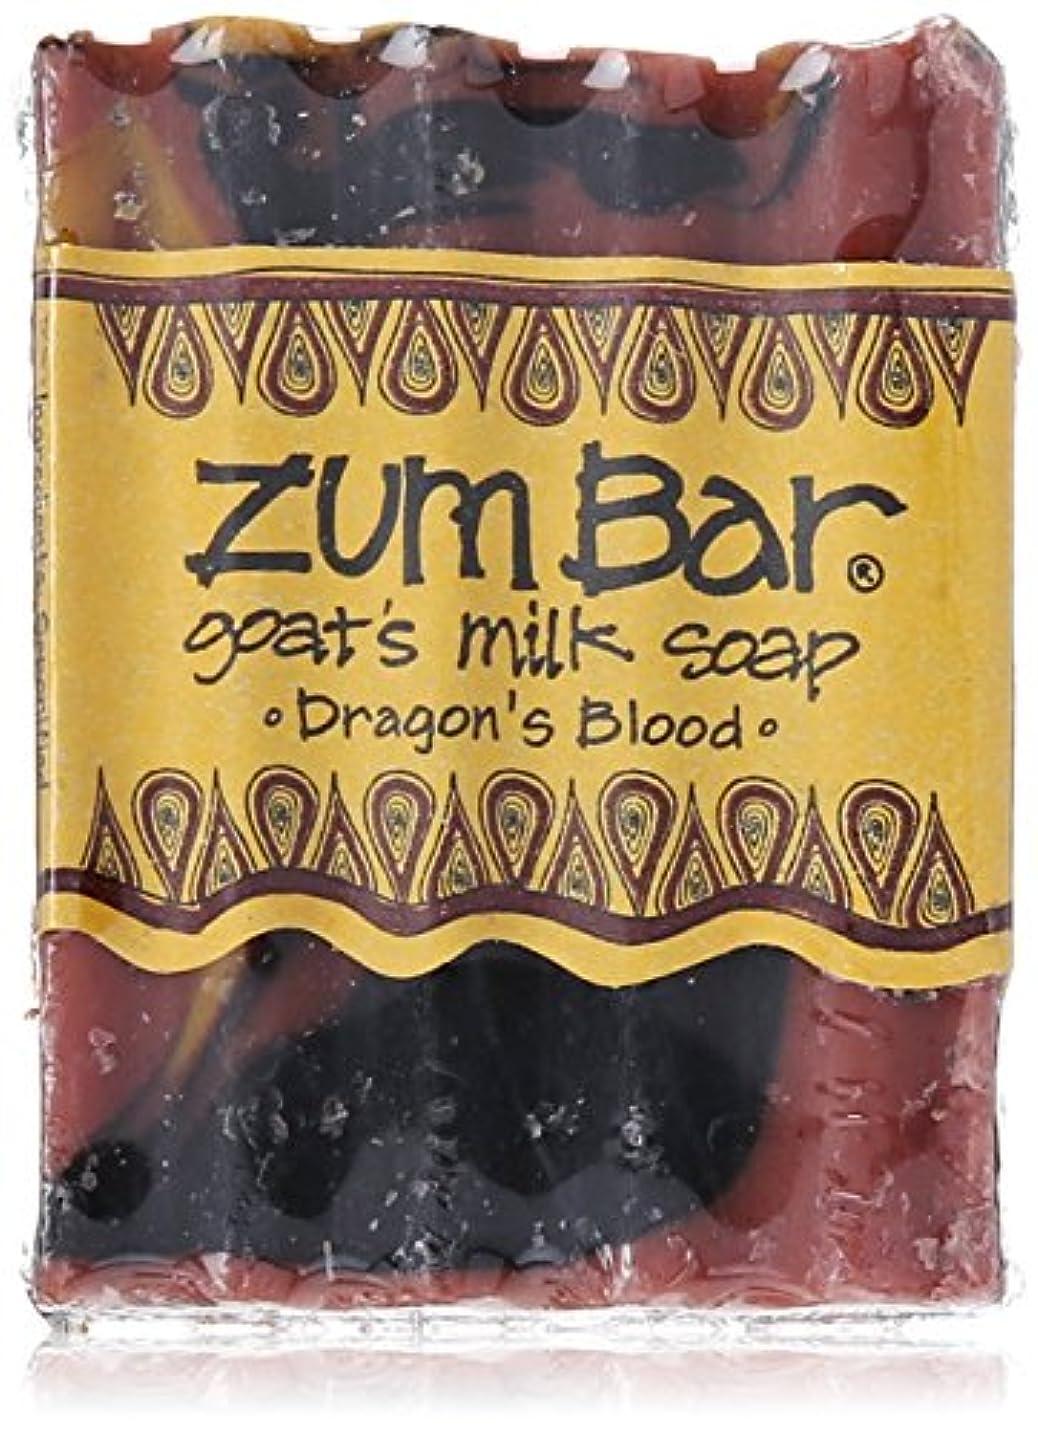 わがままポルトガル語考えた海外直送品 Indigo Wild, Zum Bar, Goat's ミルク ソープ ドラゴン ブラッド , 3 Ounces (2個セット) (Dragon's Blood) [並行輸入品]